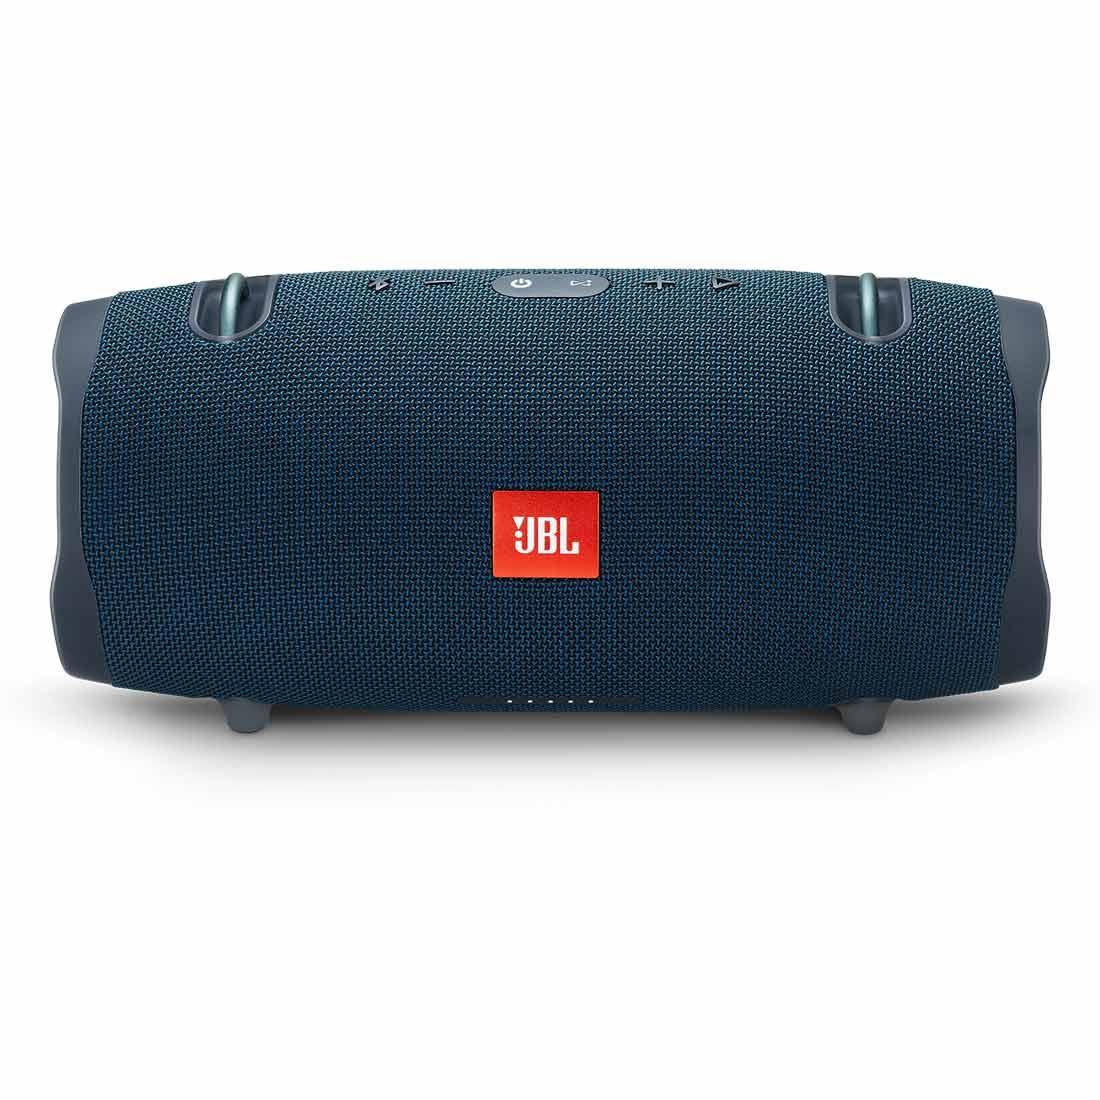 JBL Xtreme 2 Portable Wireless Waterproof Speaker w/ Power Bank - Blue